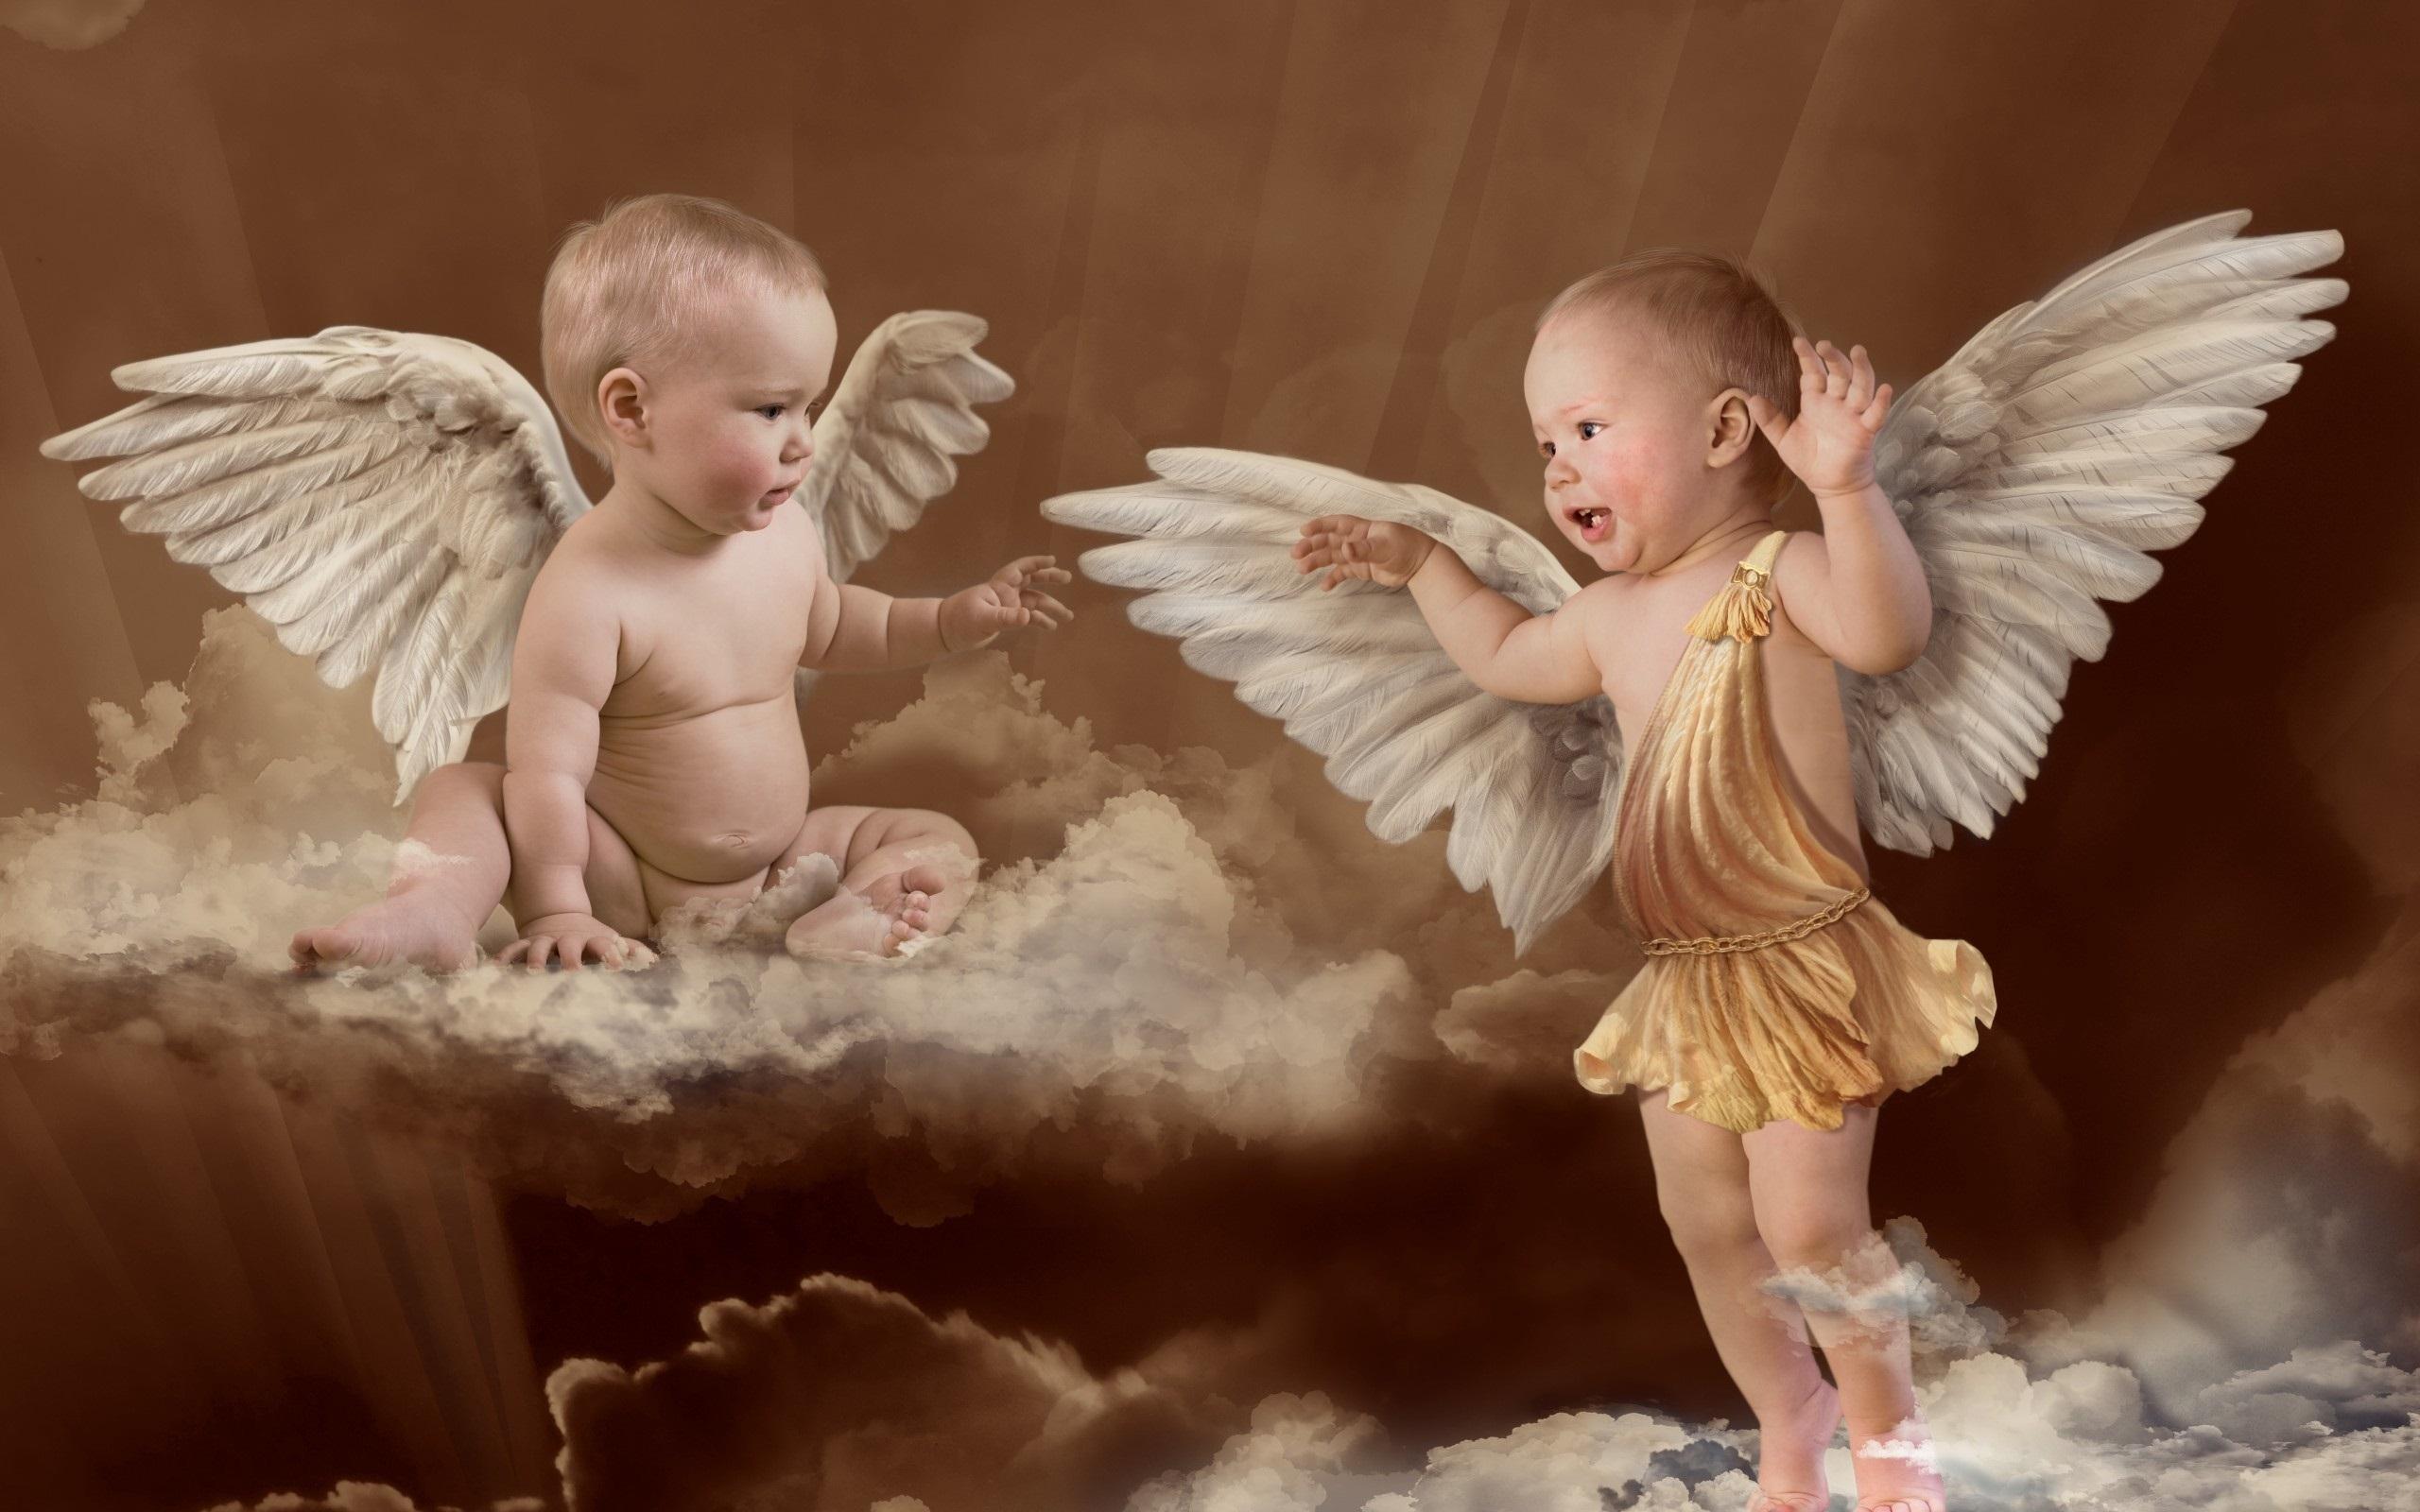 13039 Hintergrundbild herunterladen Menschen, Kinder, Fotokunst, Engel - Bildschirmschoner und Bilder kostenlos